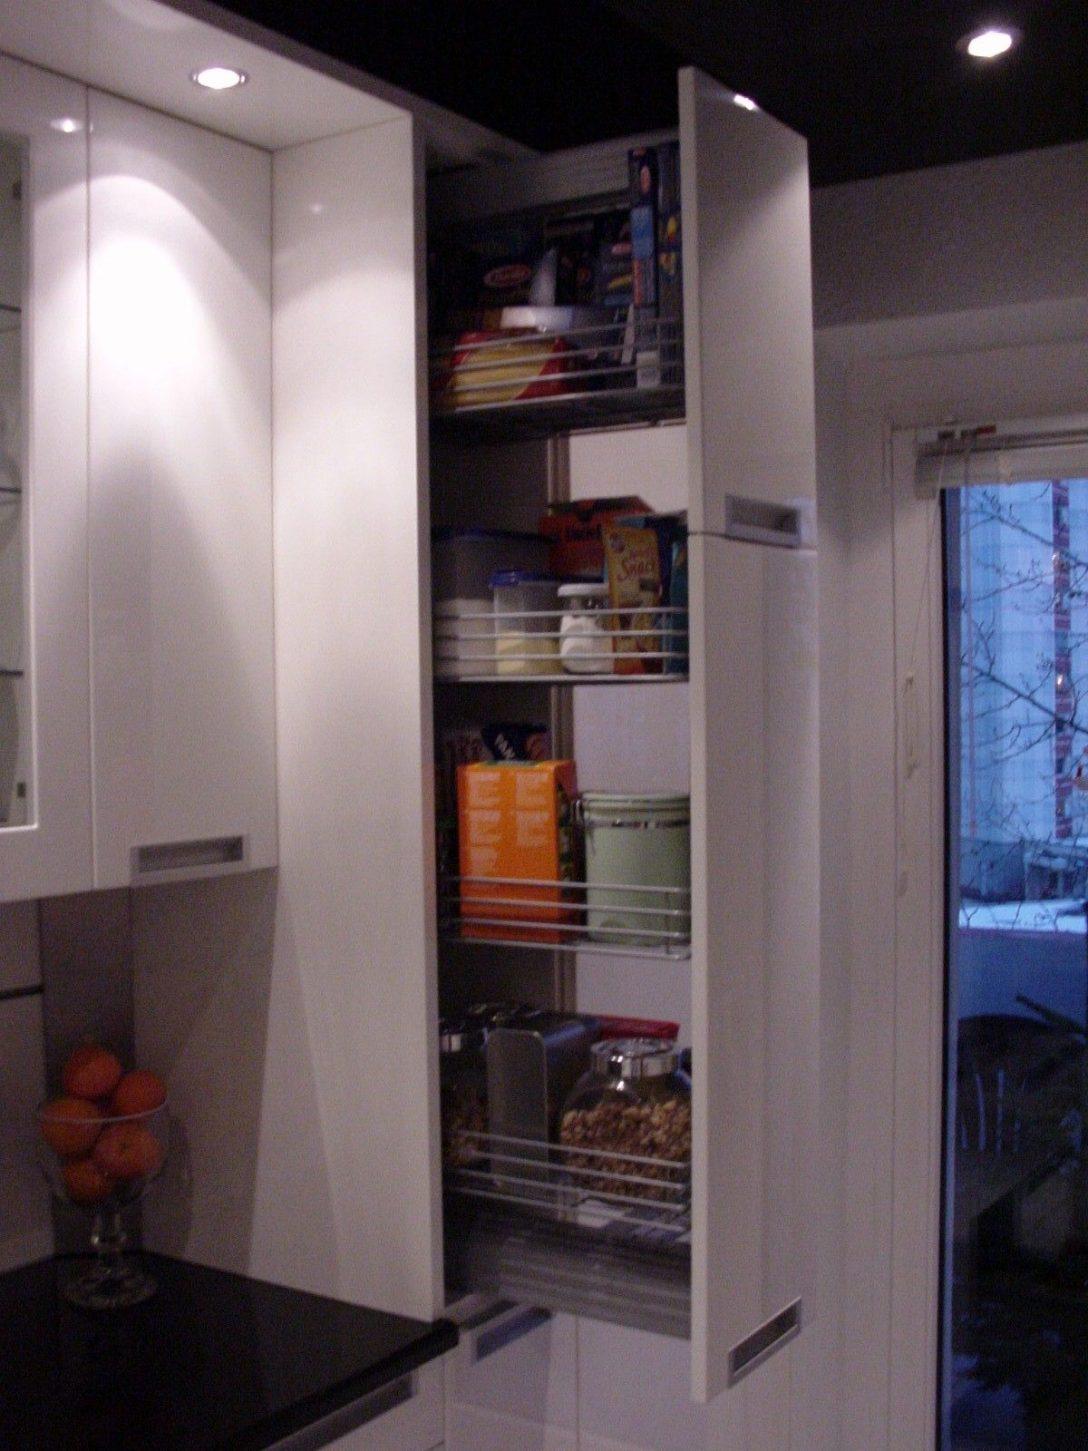 Large Size of Ikea Apothekerschrank Kleiderschrank Tren Einzeln Kaufen Kche Küche Kosten Betten Bei Miniküche Sofa Mit Schlaffunktion Modulküche 160x200 Wohnzimmer Ikea Apothekerschrank